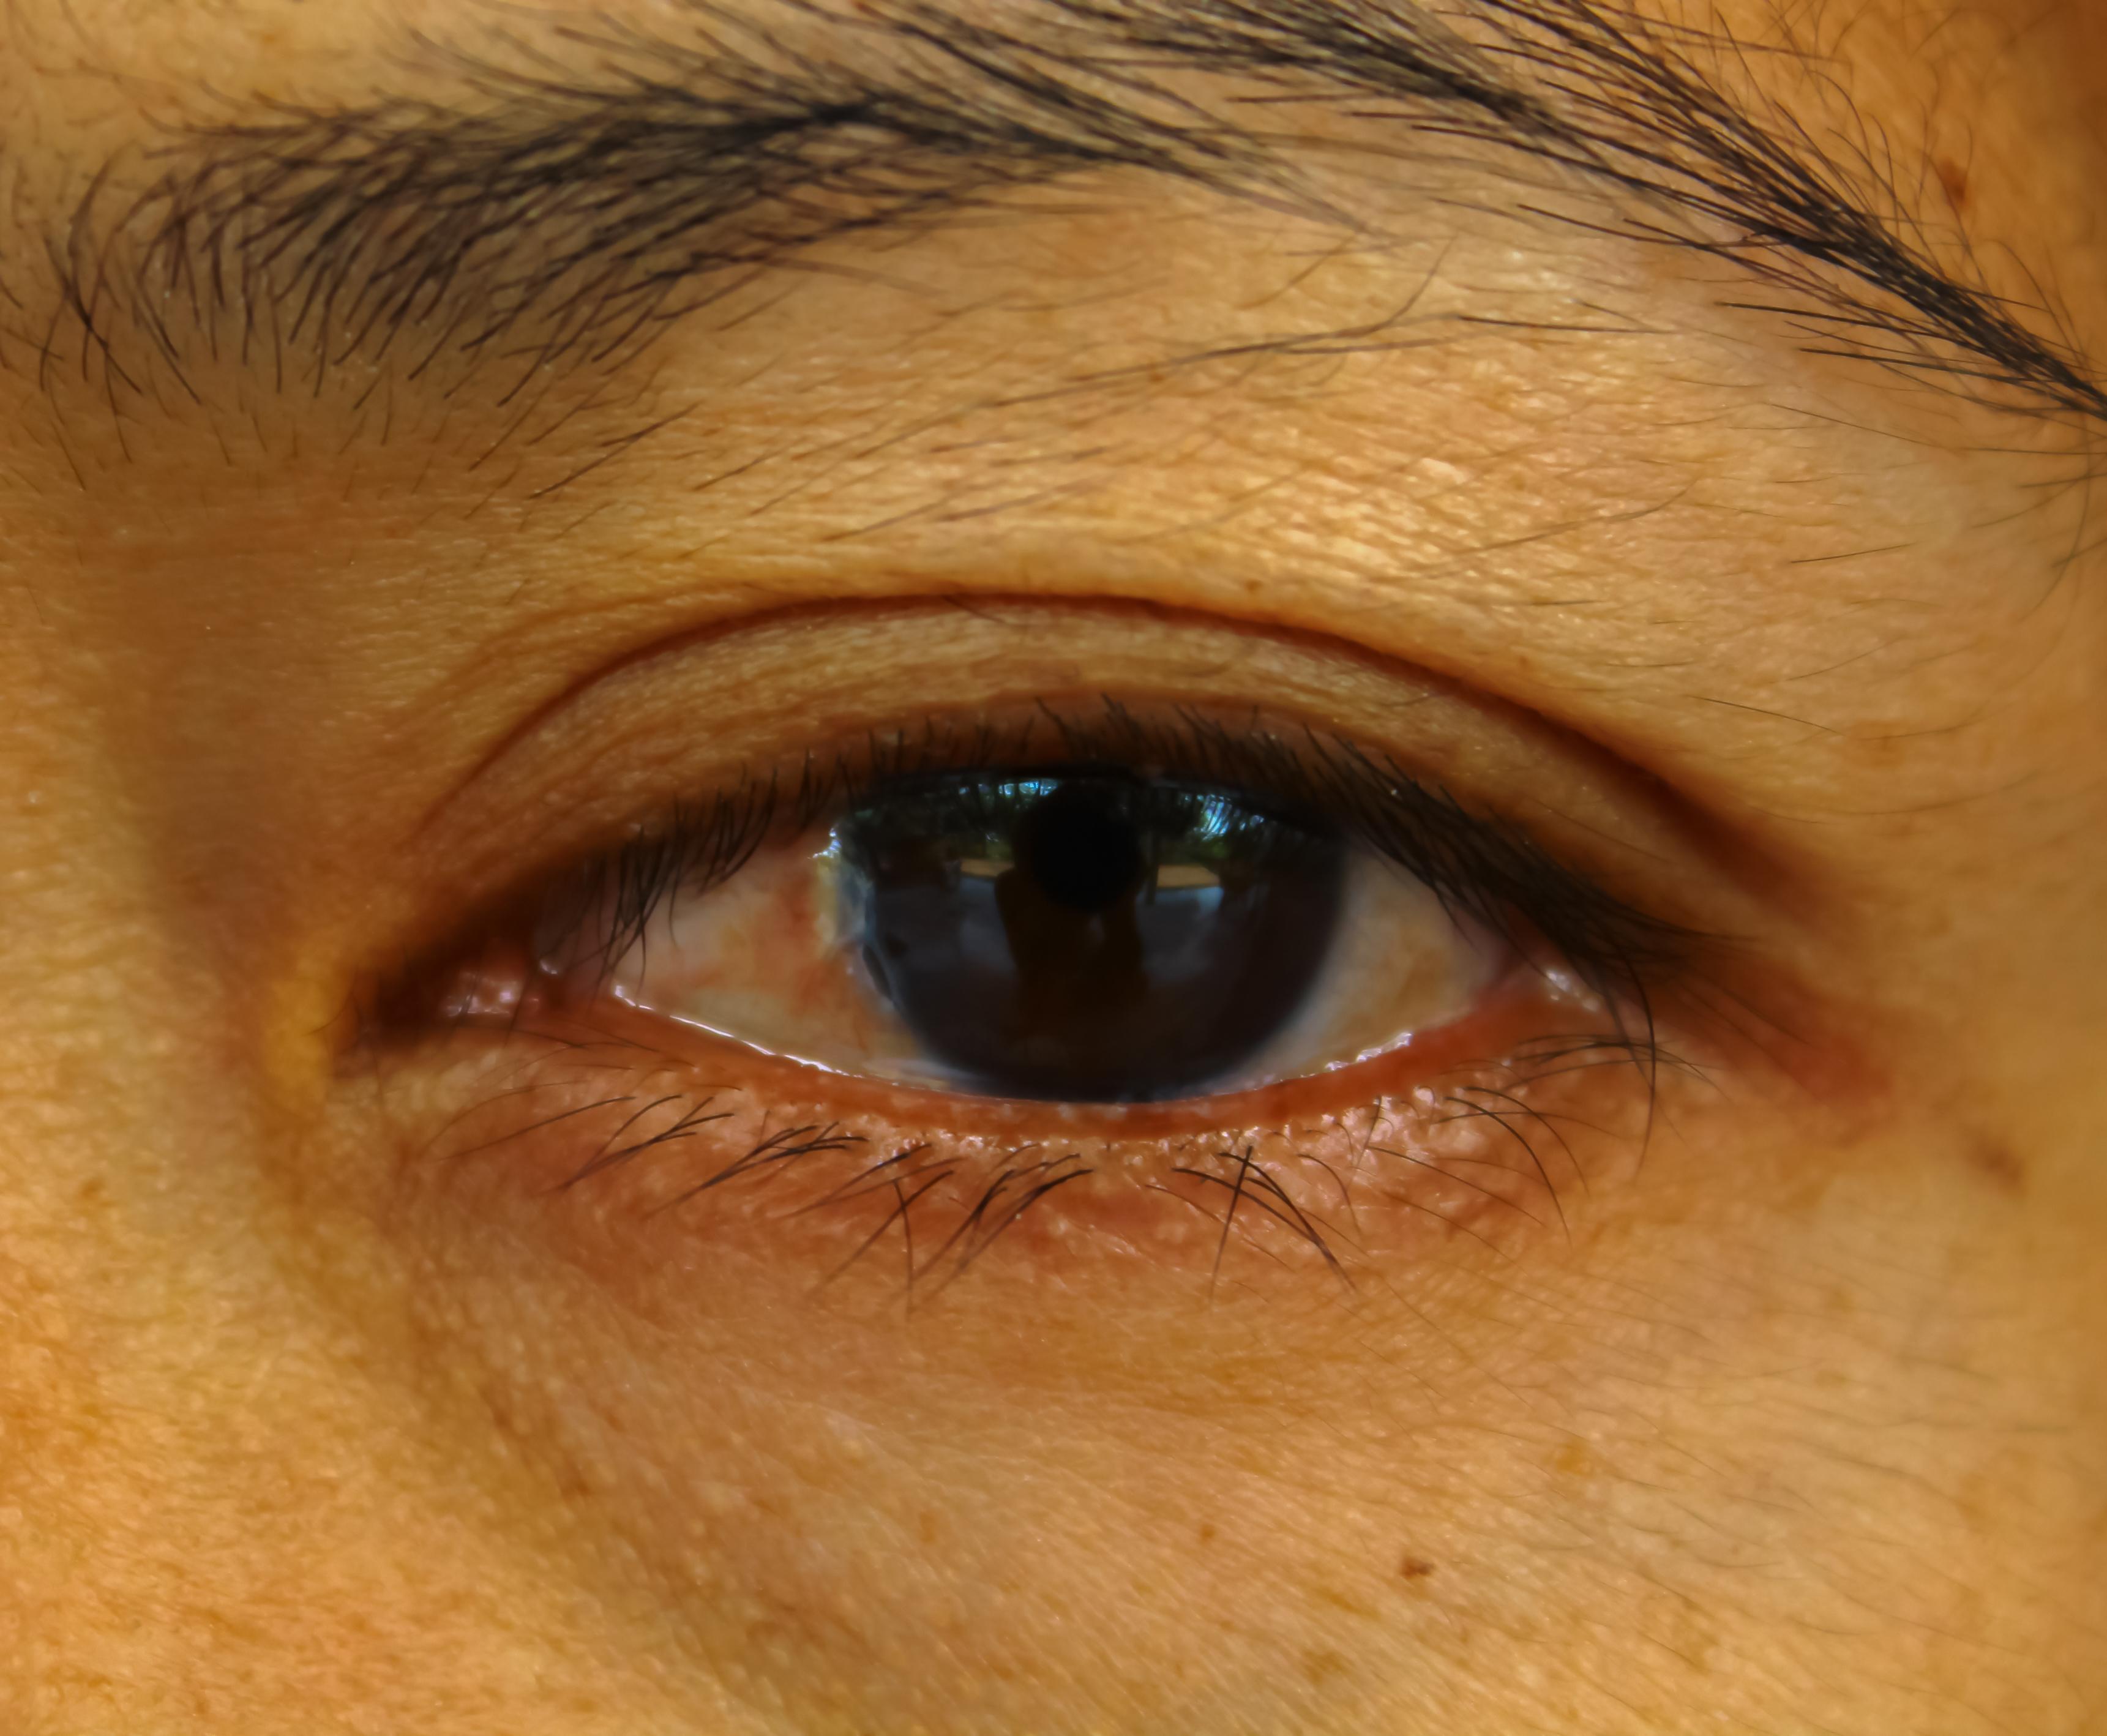 Toppig hornhinna beror på en förtunning av hornhinnan och kan orsaka dubbelseende och ljuskänslighet.